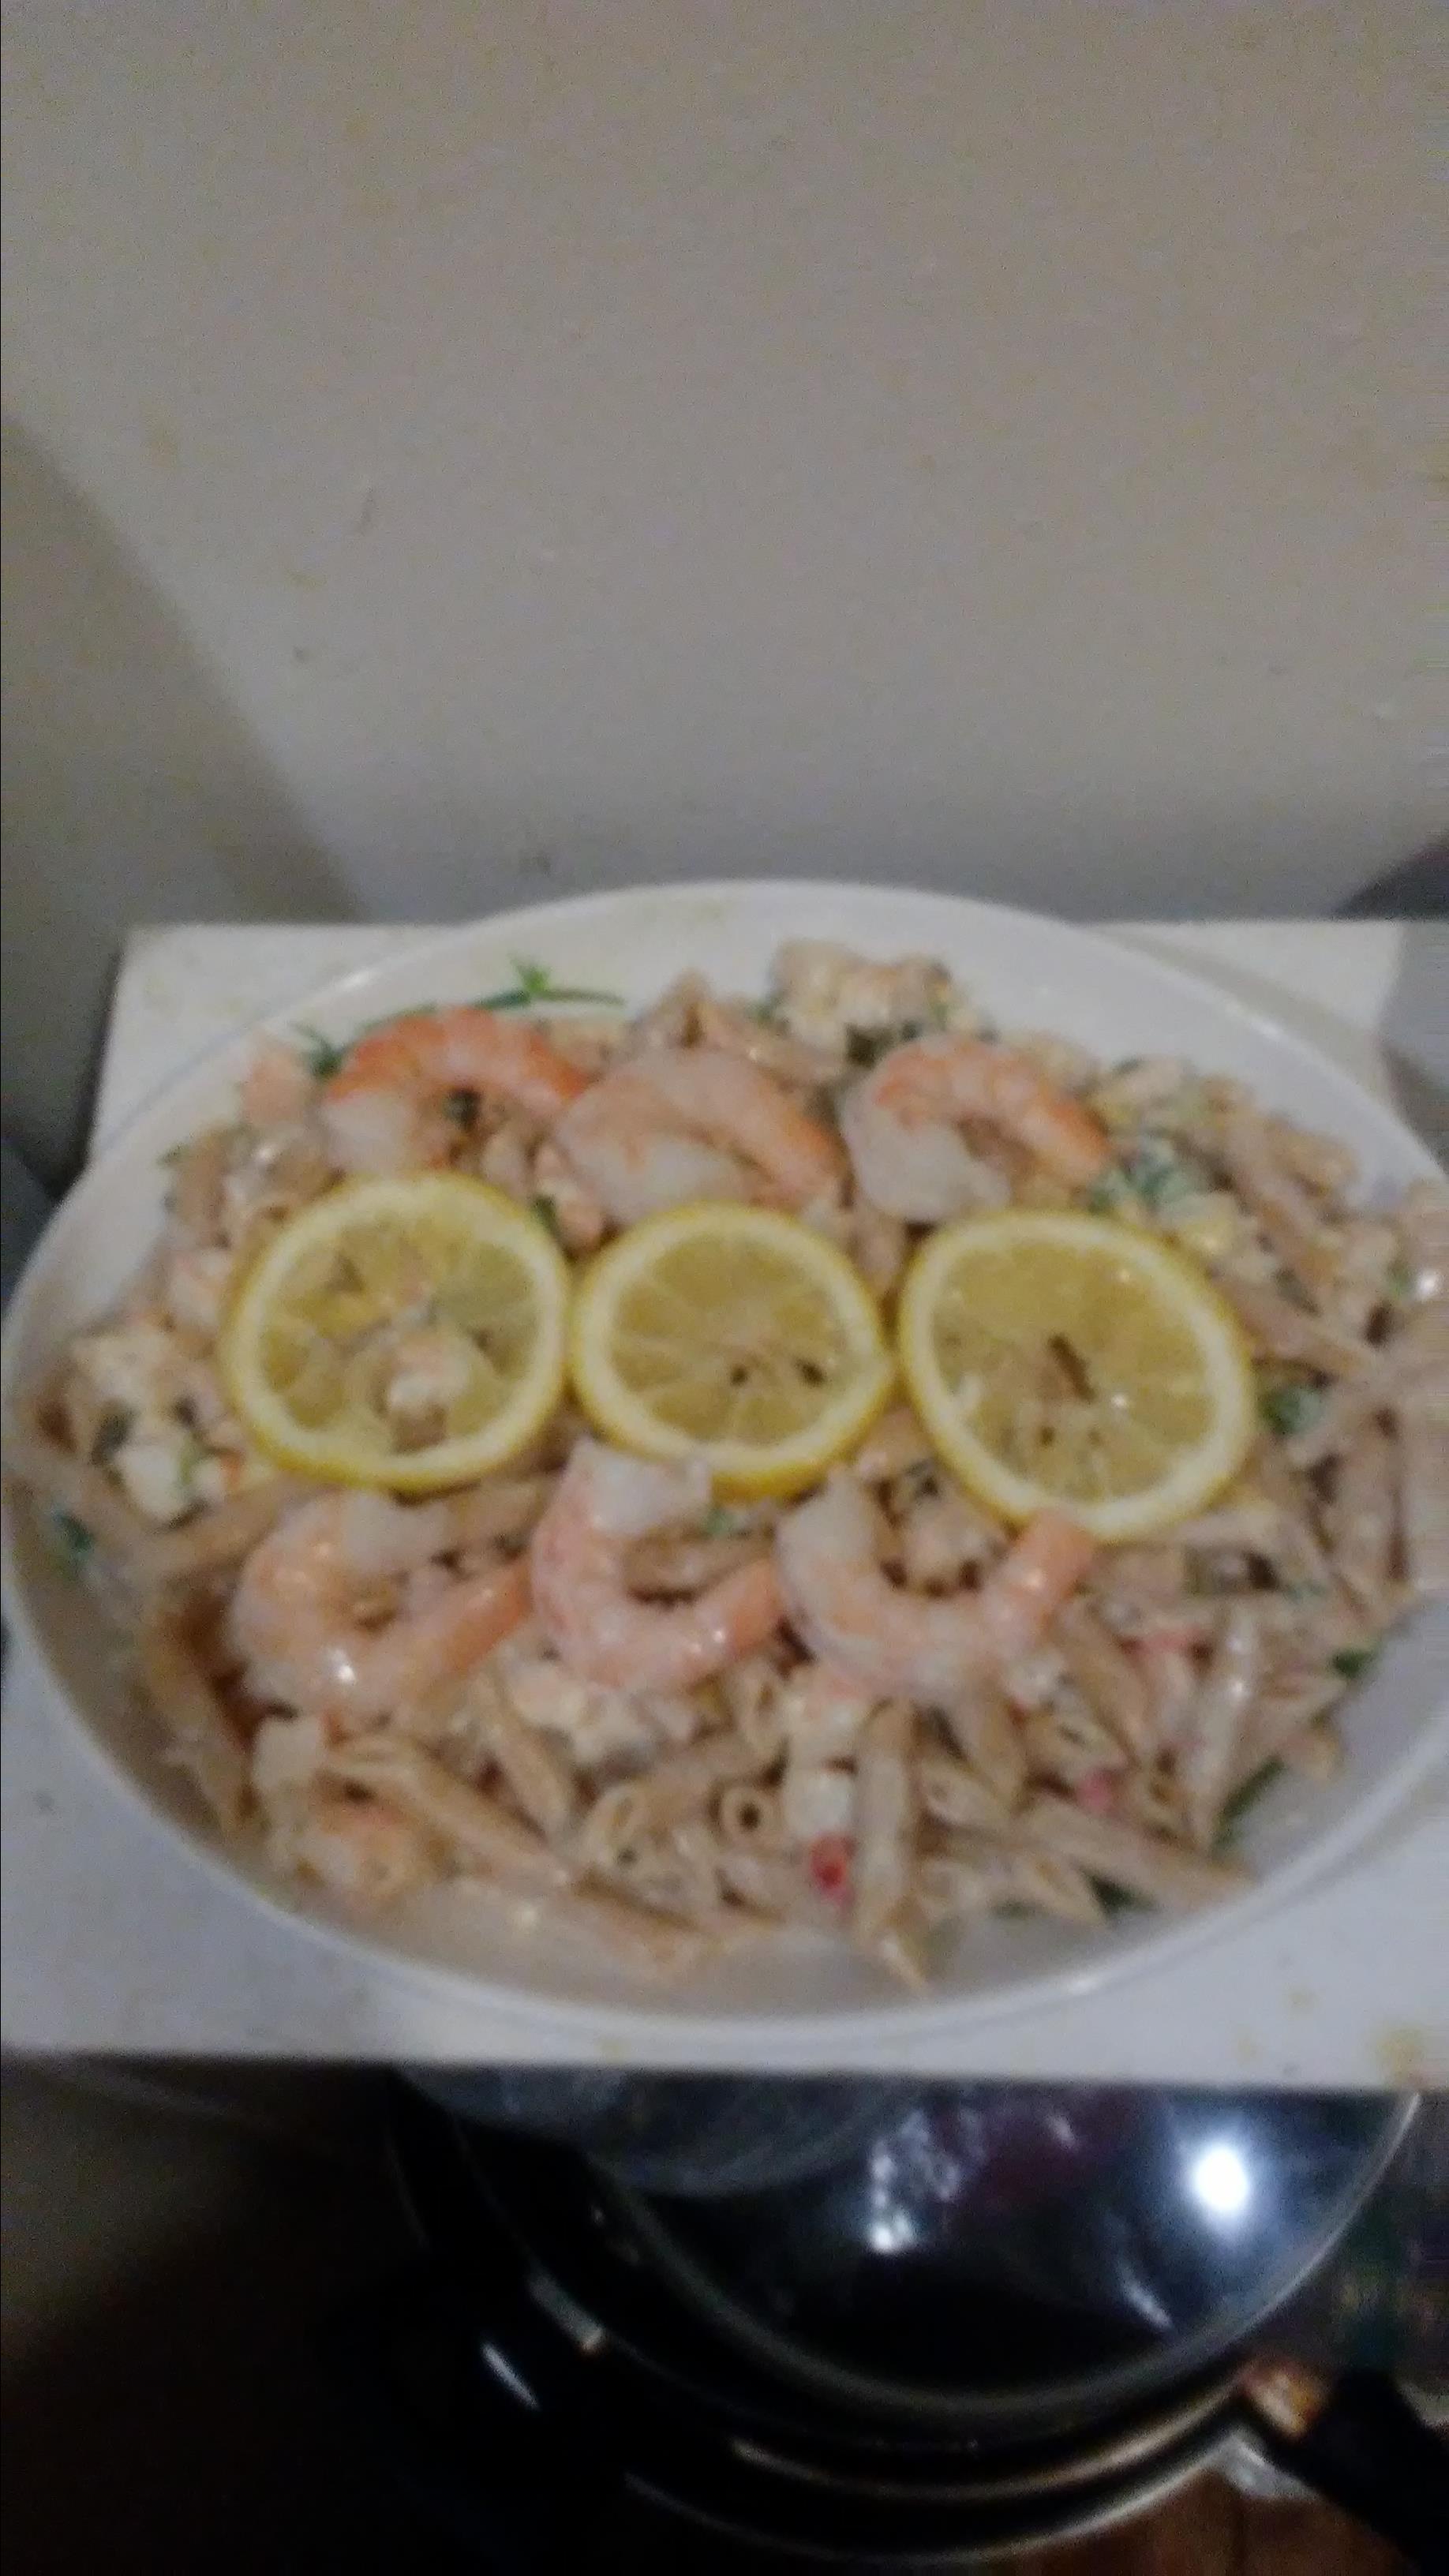 Shrimp Pasta Salad With a Creamy Lemon Dressing robert bates